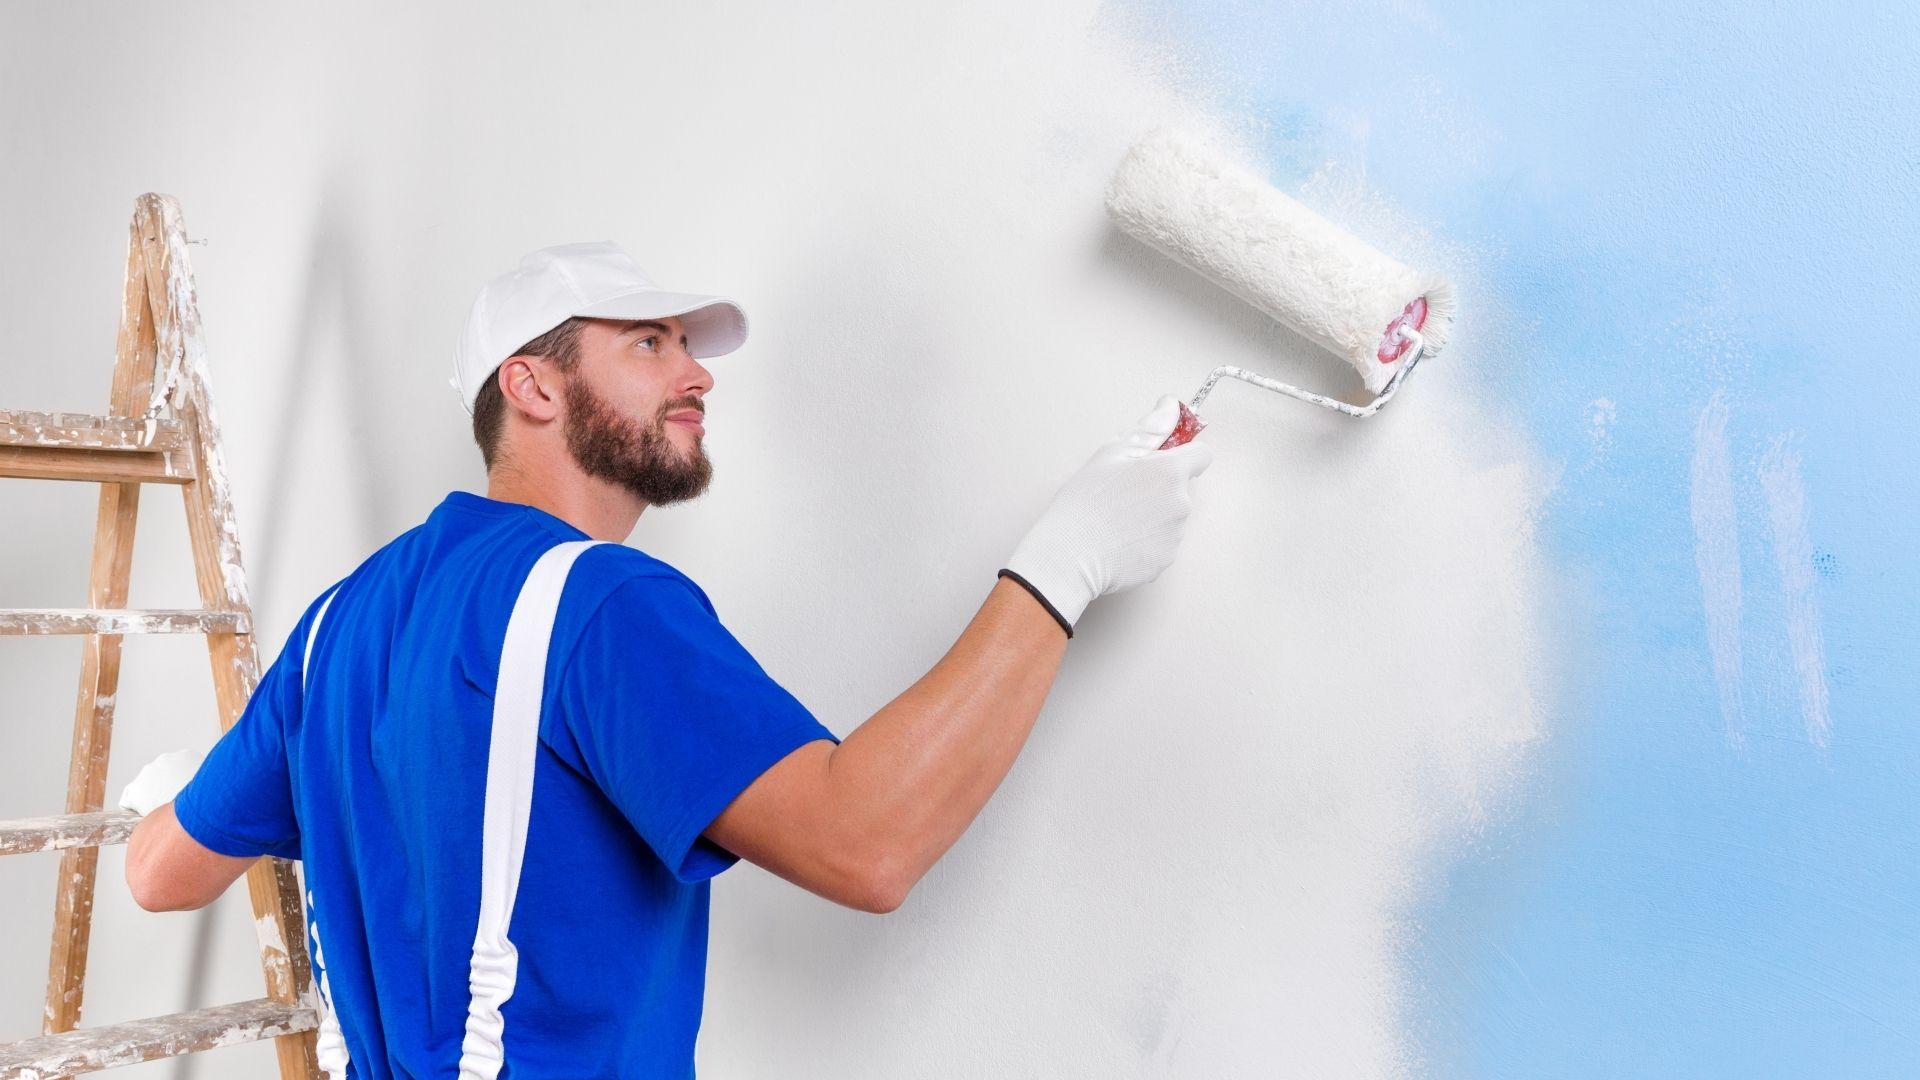 ganhando-clientes-sendo-pintor